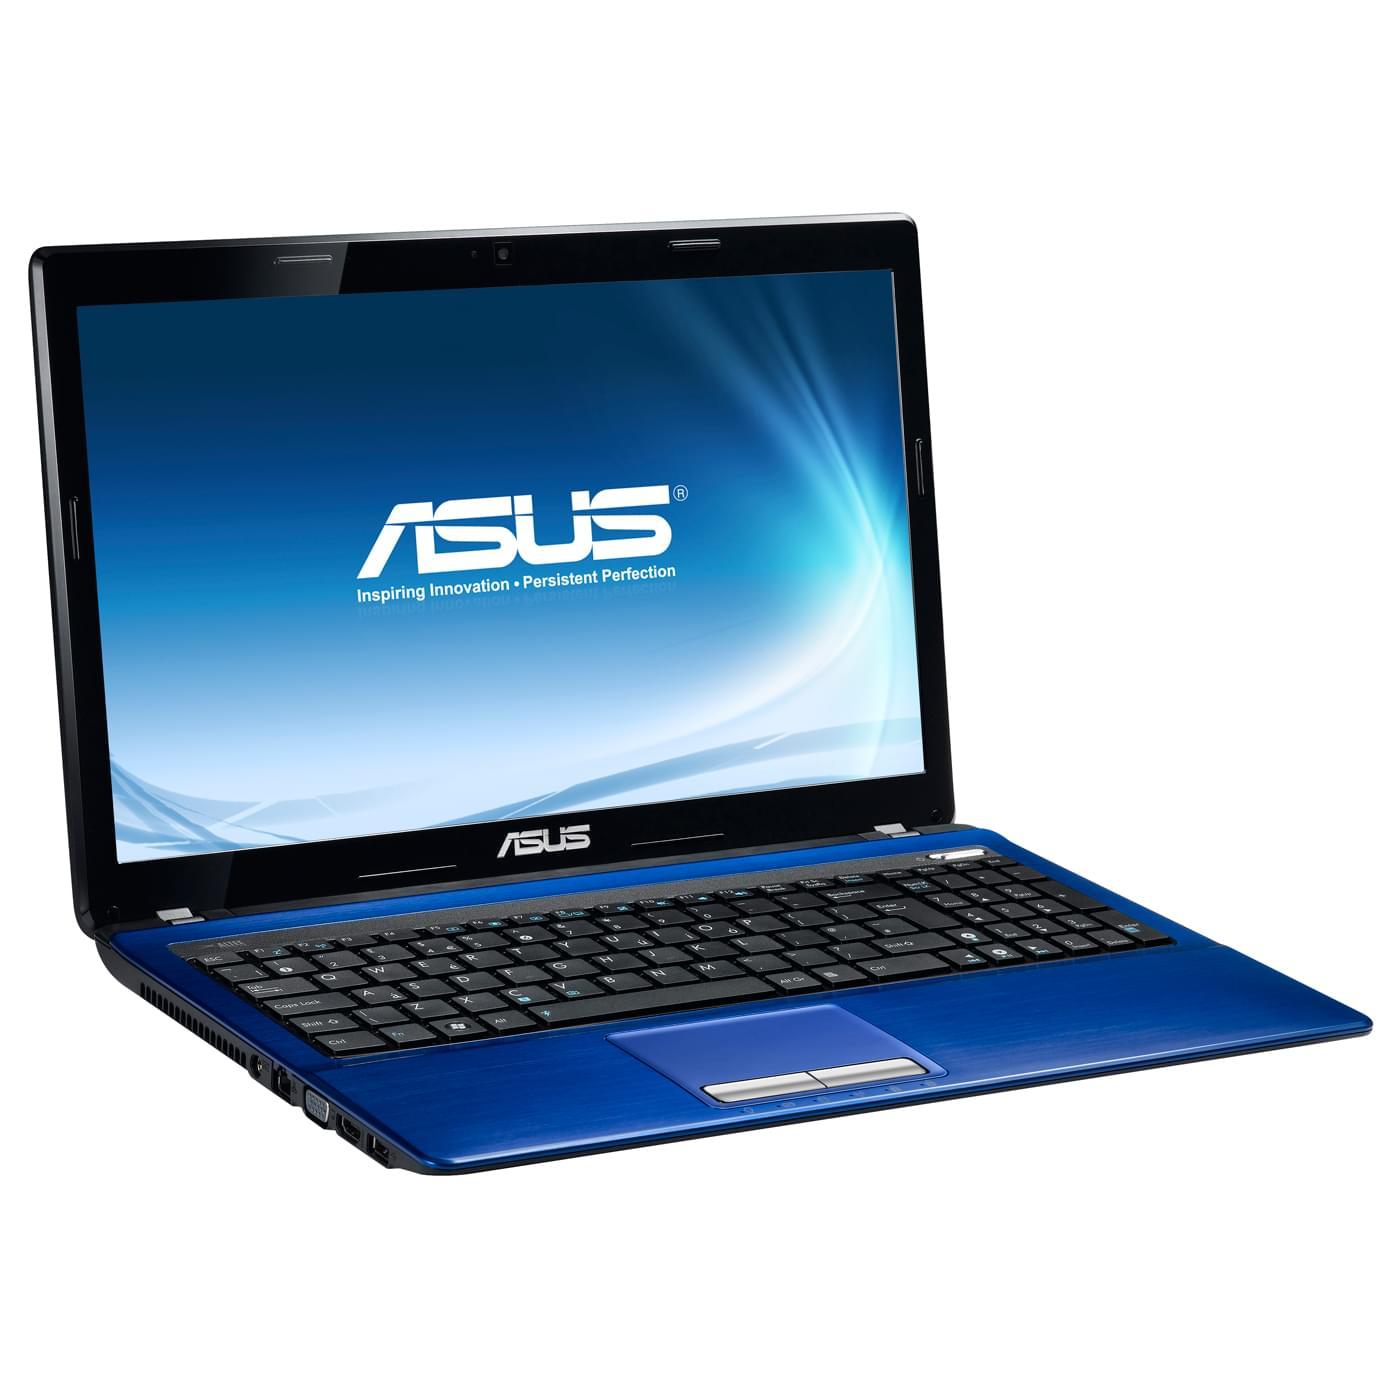 Asus K53SD-SX324V - PC portable Asus - Cybertek.fr - 0